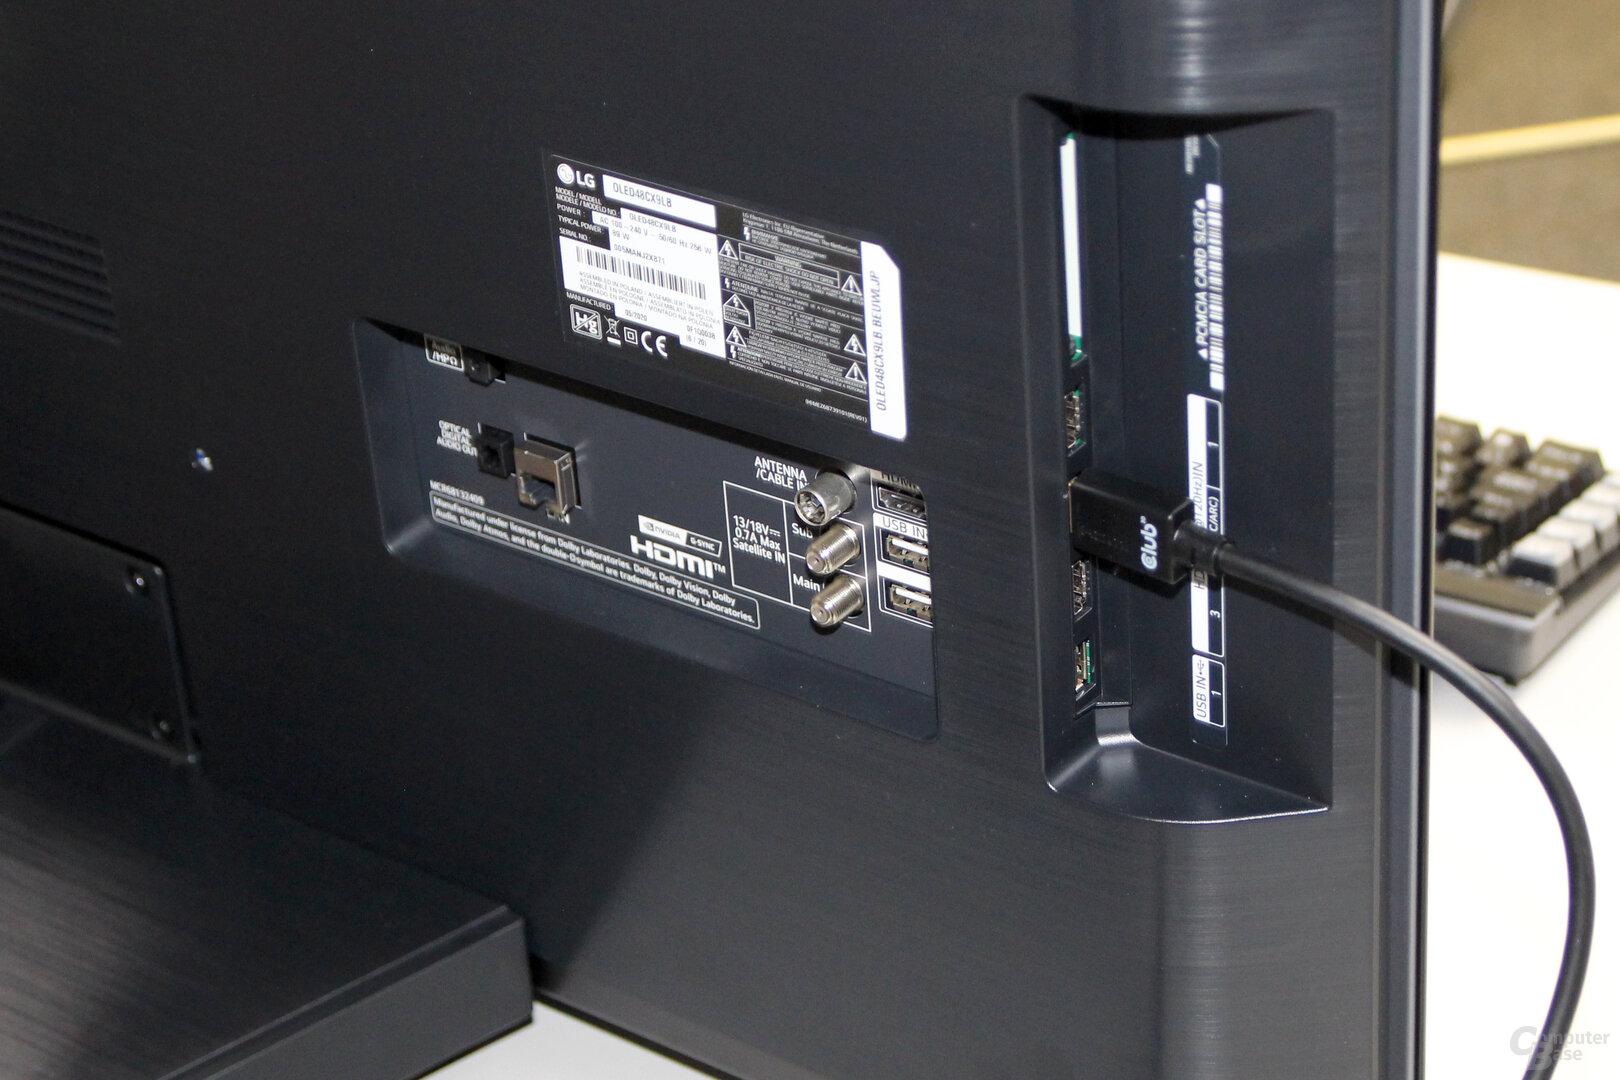 LG OLED 48CX: Anschlüsse hinten und seitlich